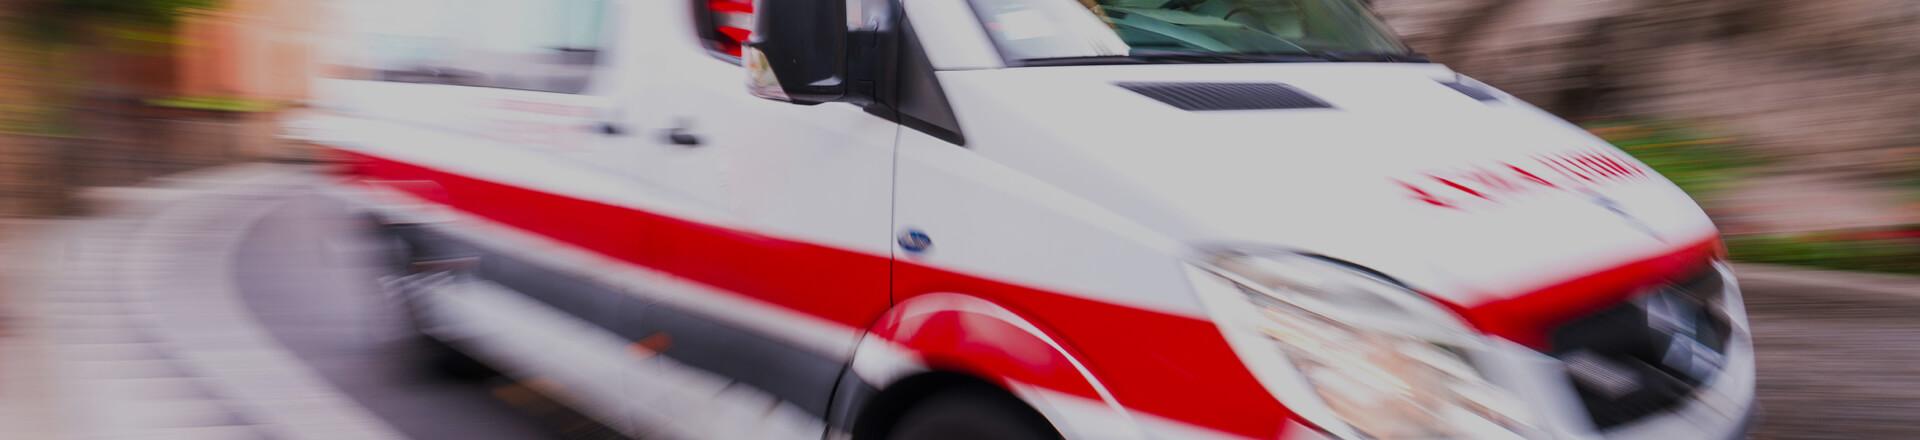 Ambulanza connessa